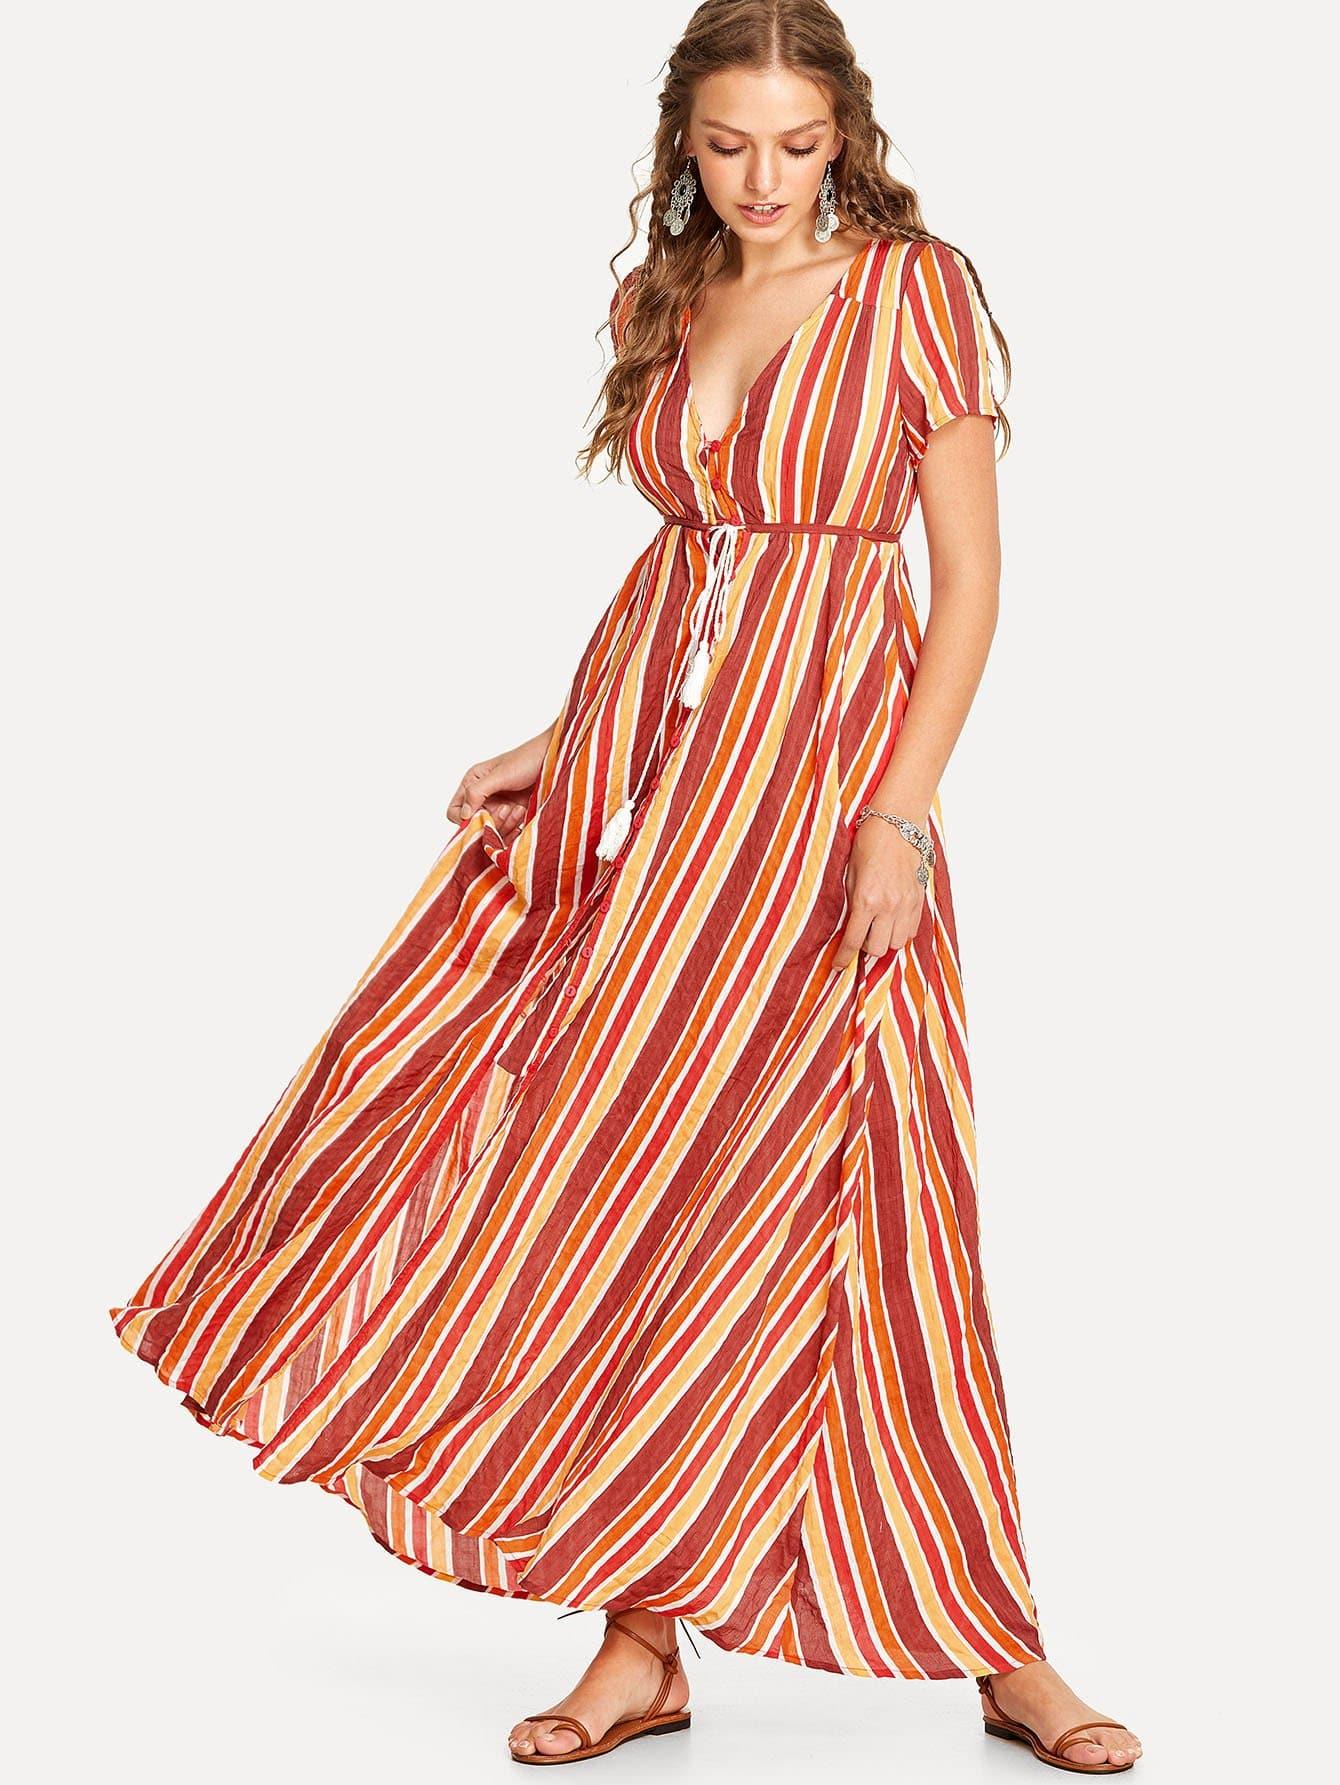 Tassel Tie Shirred Waist Striped Dress button up tassel tie shirred waist ornate print dress